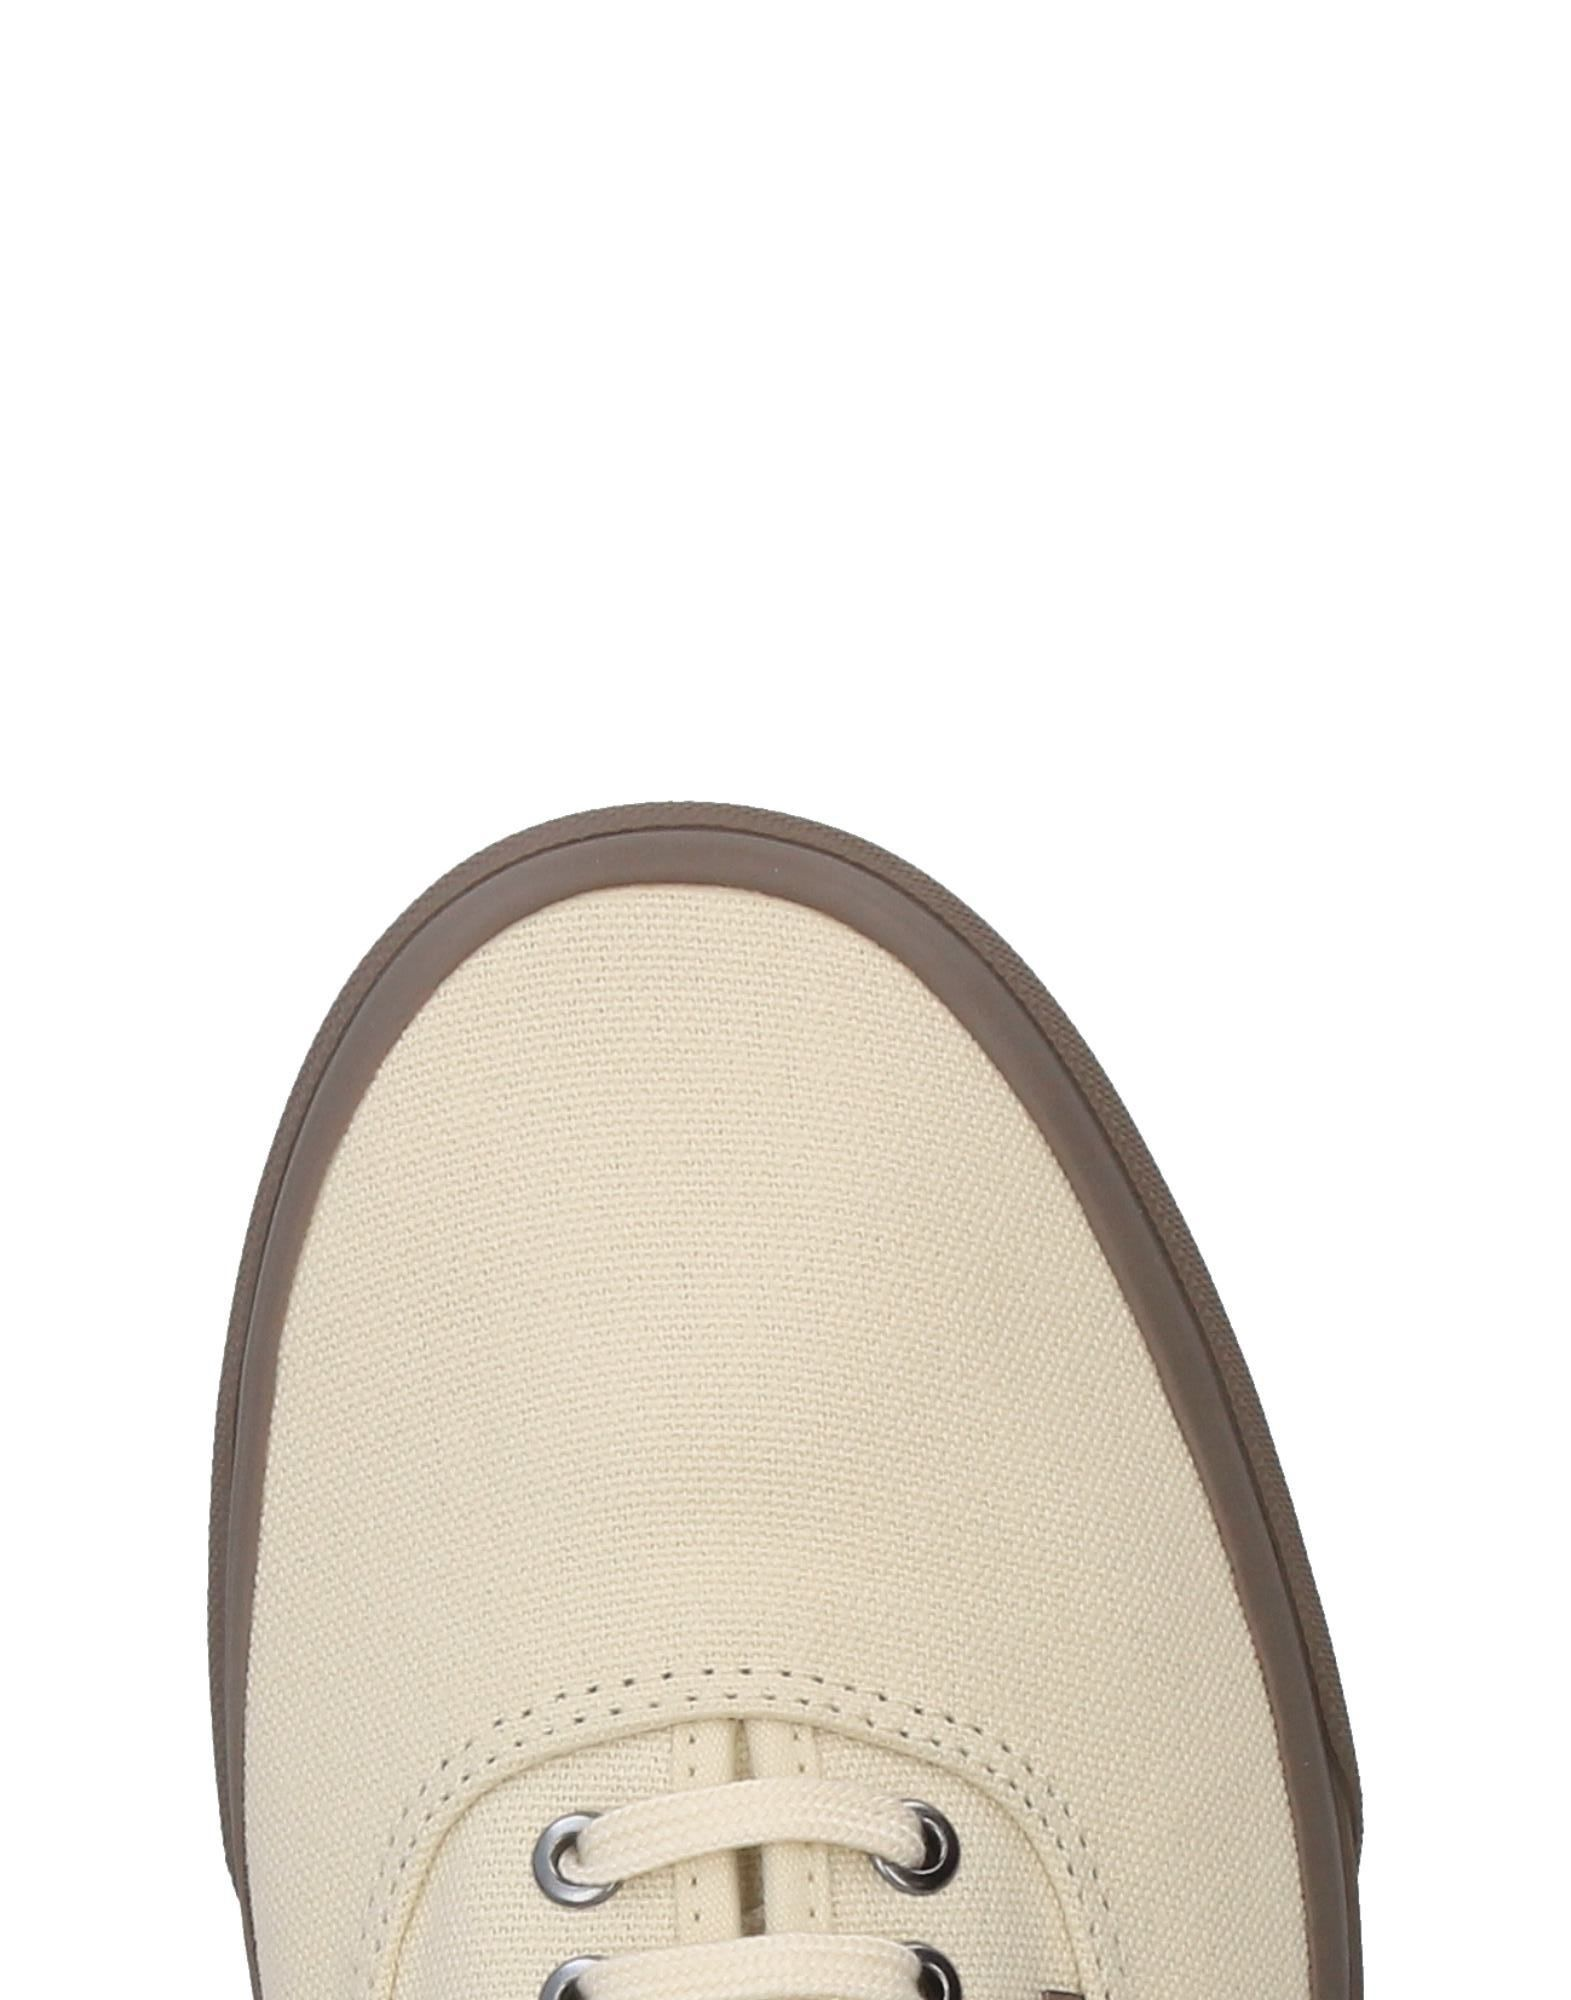 Vans Sneakers 11376503PE Herren  11376503PE Sneakers Heiße Schuhe 7b8d7a